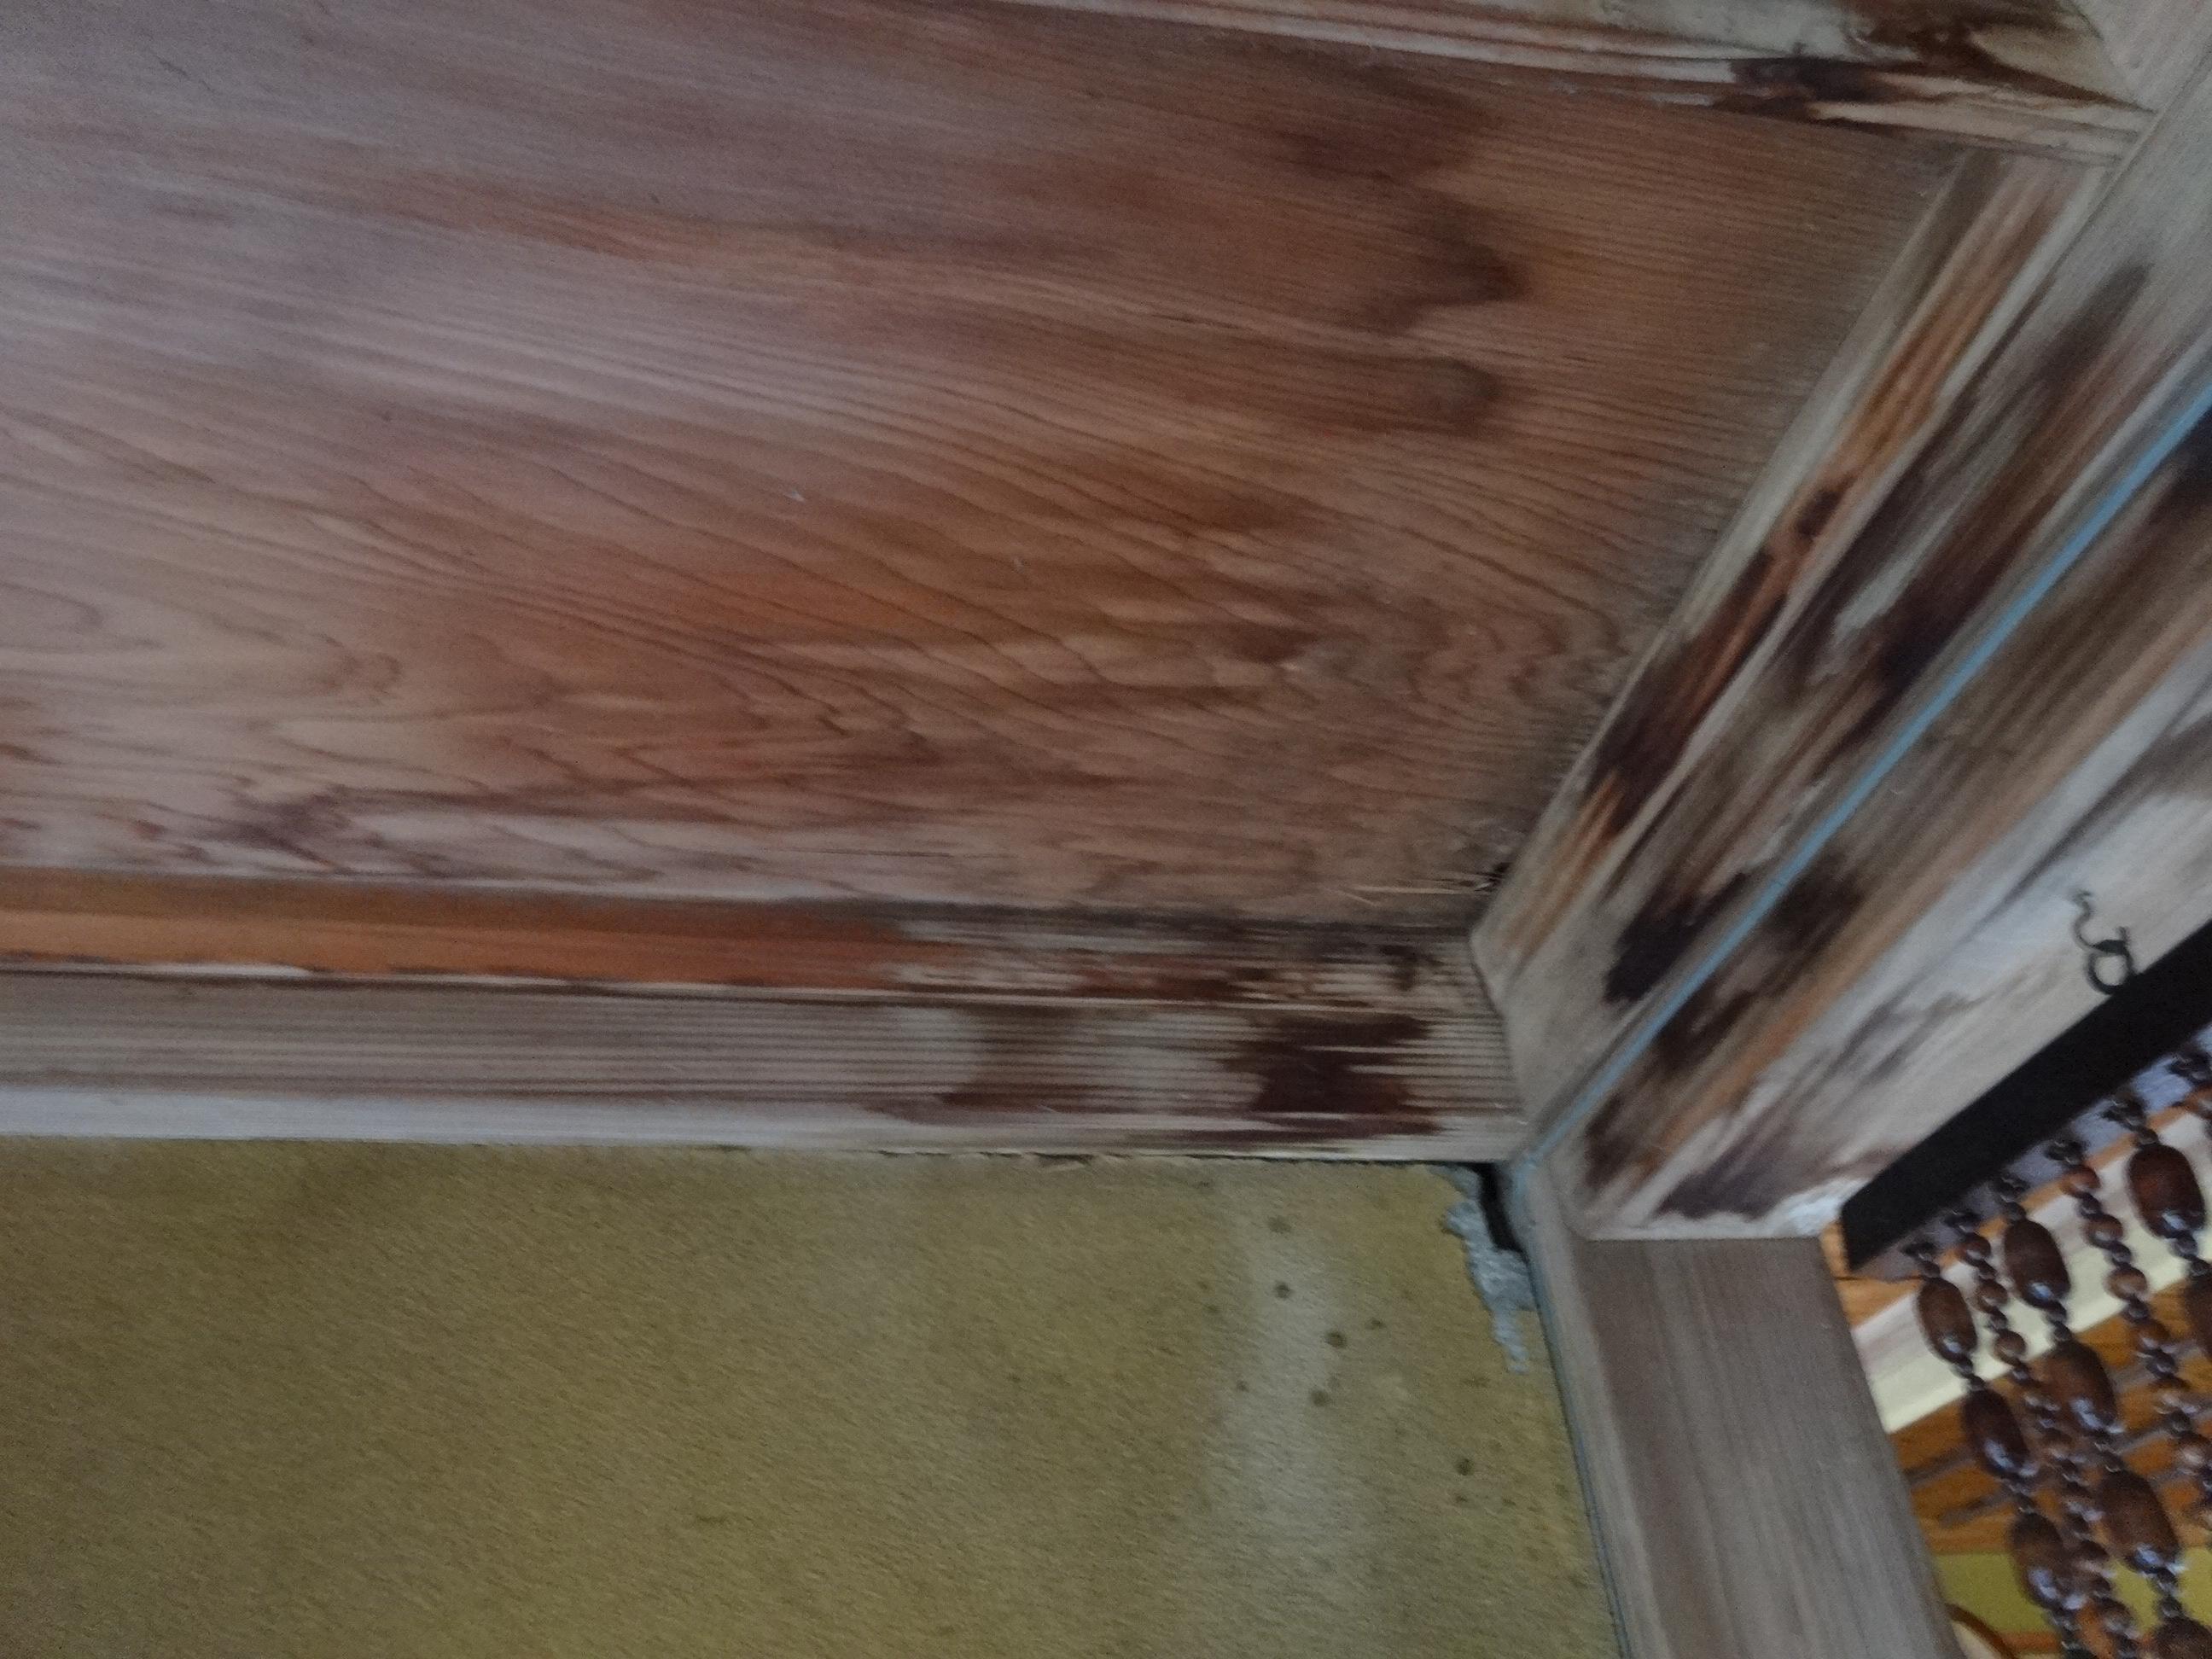 ゲリラ豪雨とは?ゲリラ豪雨で雨漏りする前に-屋根無料点検実施中|加藤瓦店